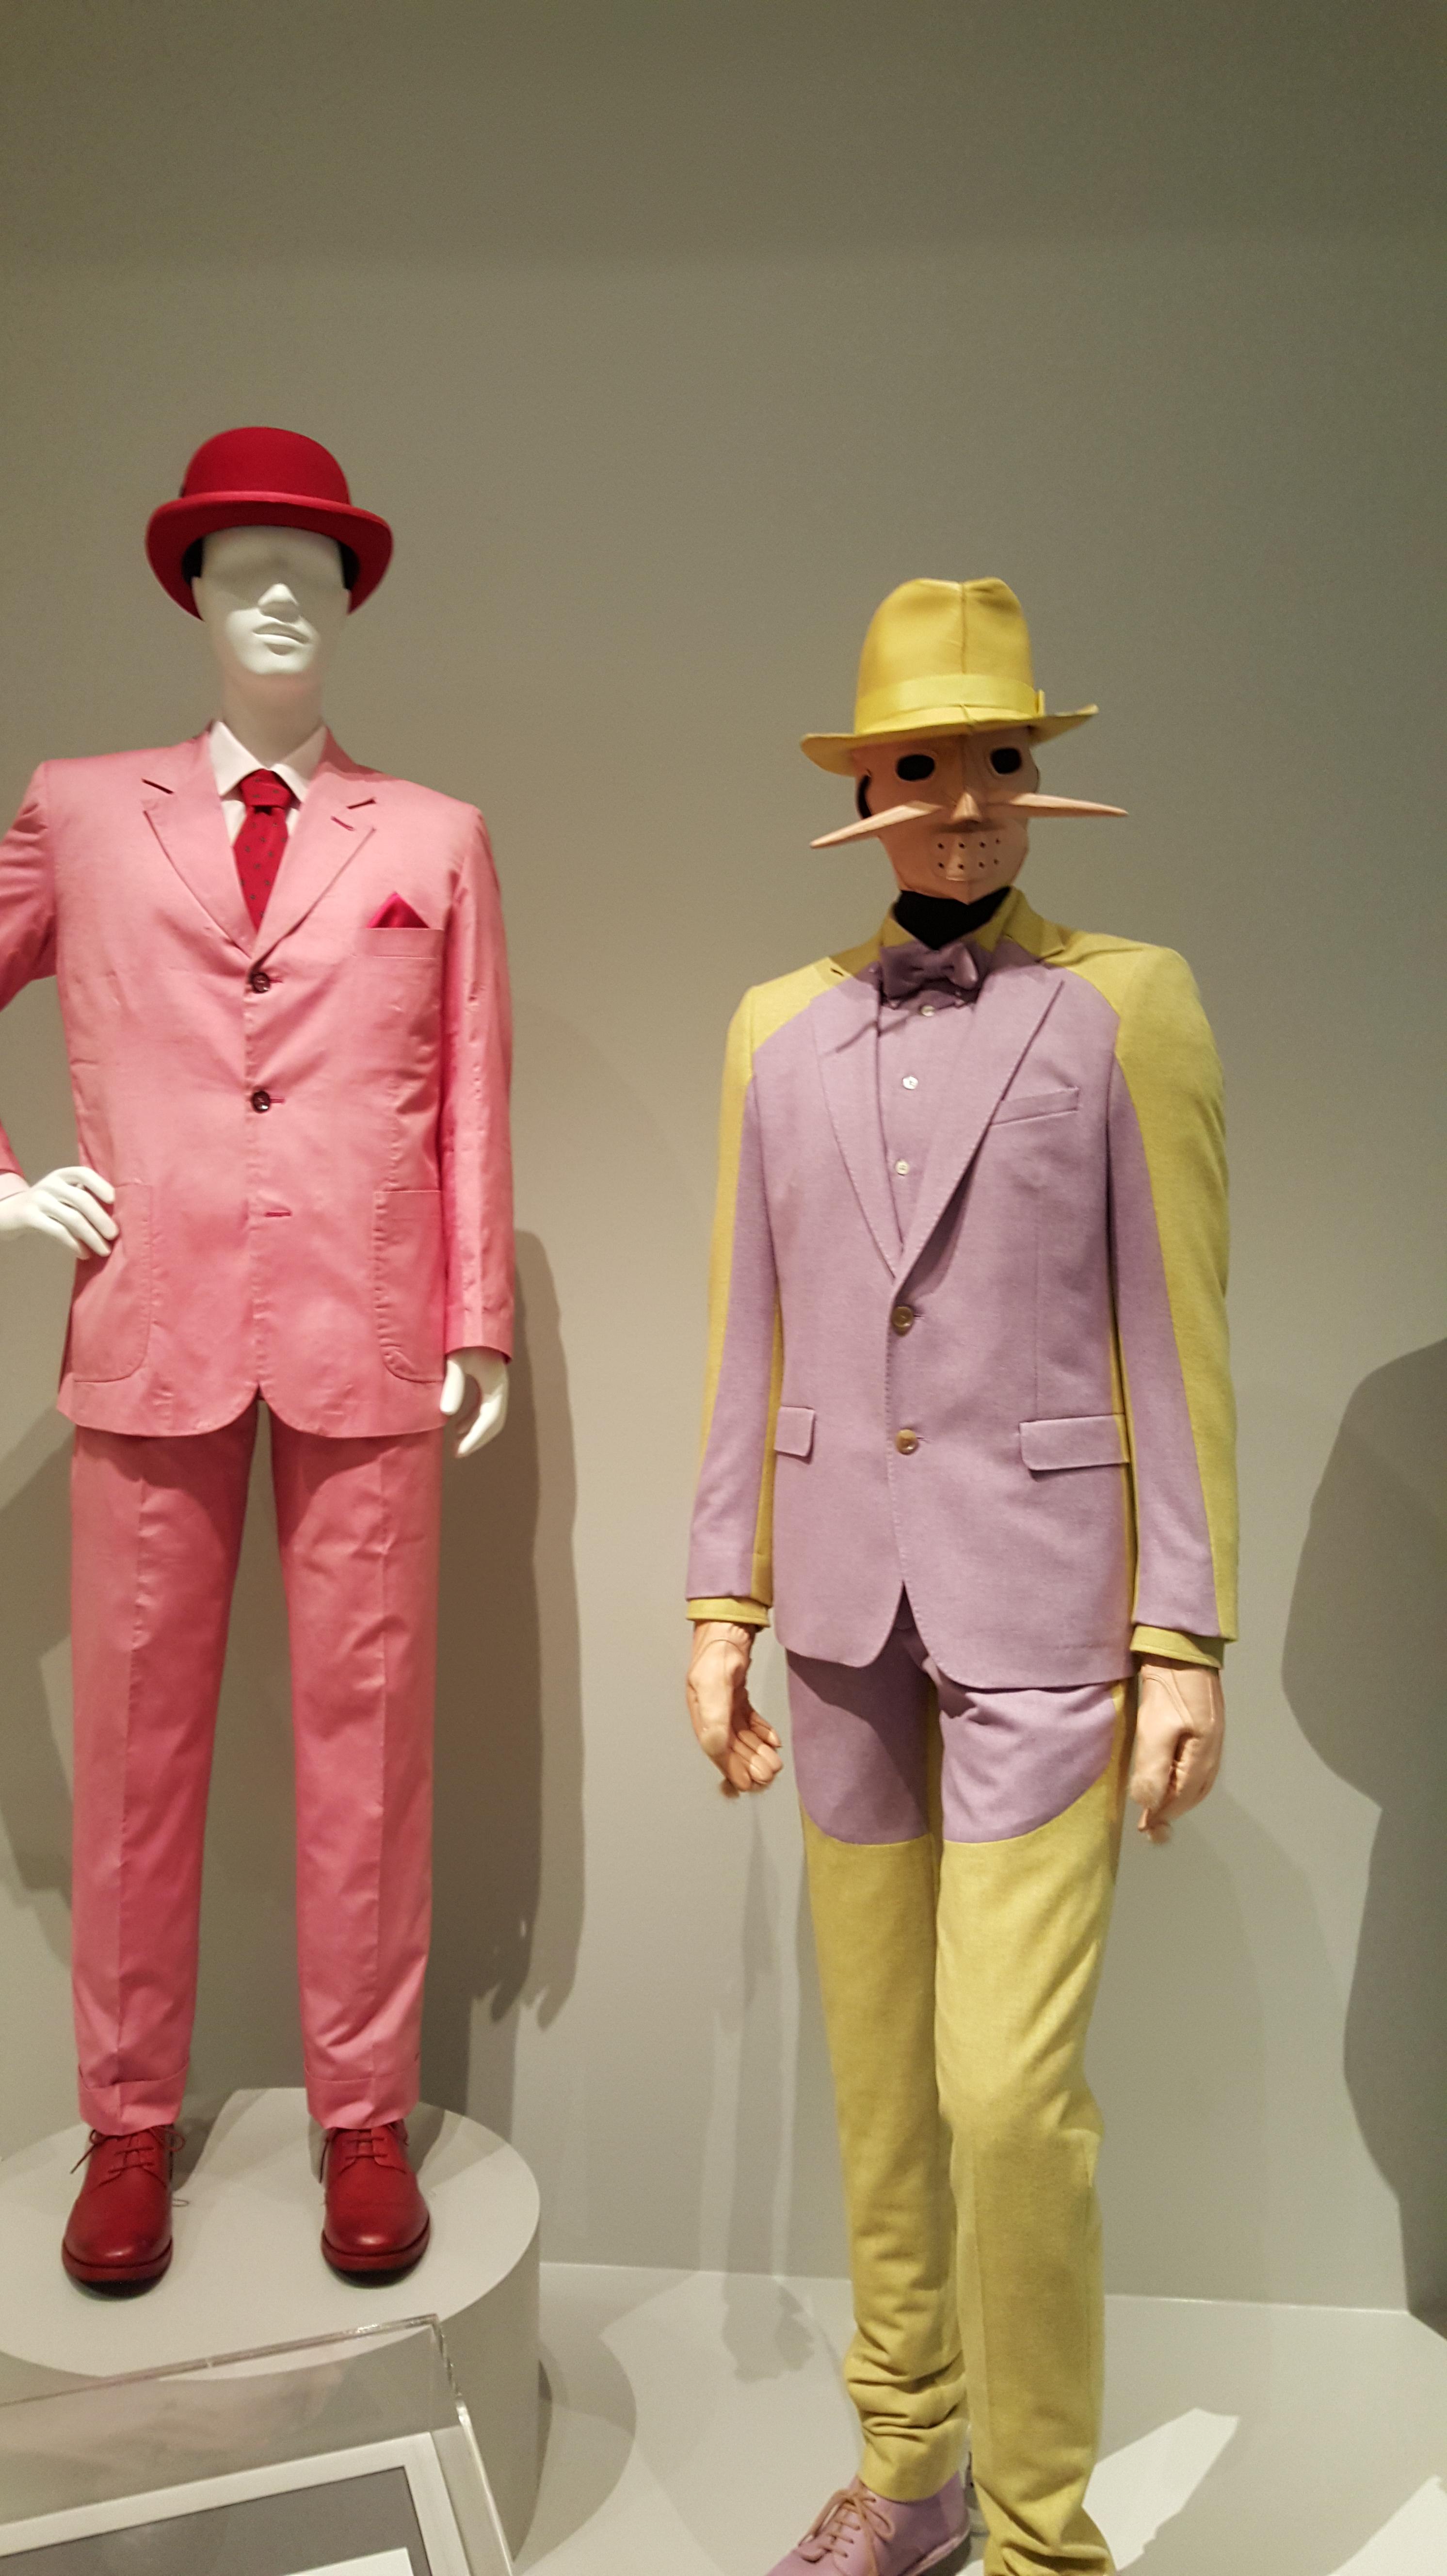 Reigning Men Exhibit at LACMA (2)